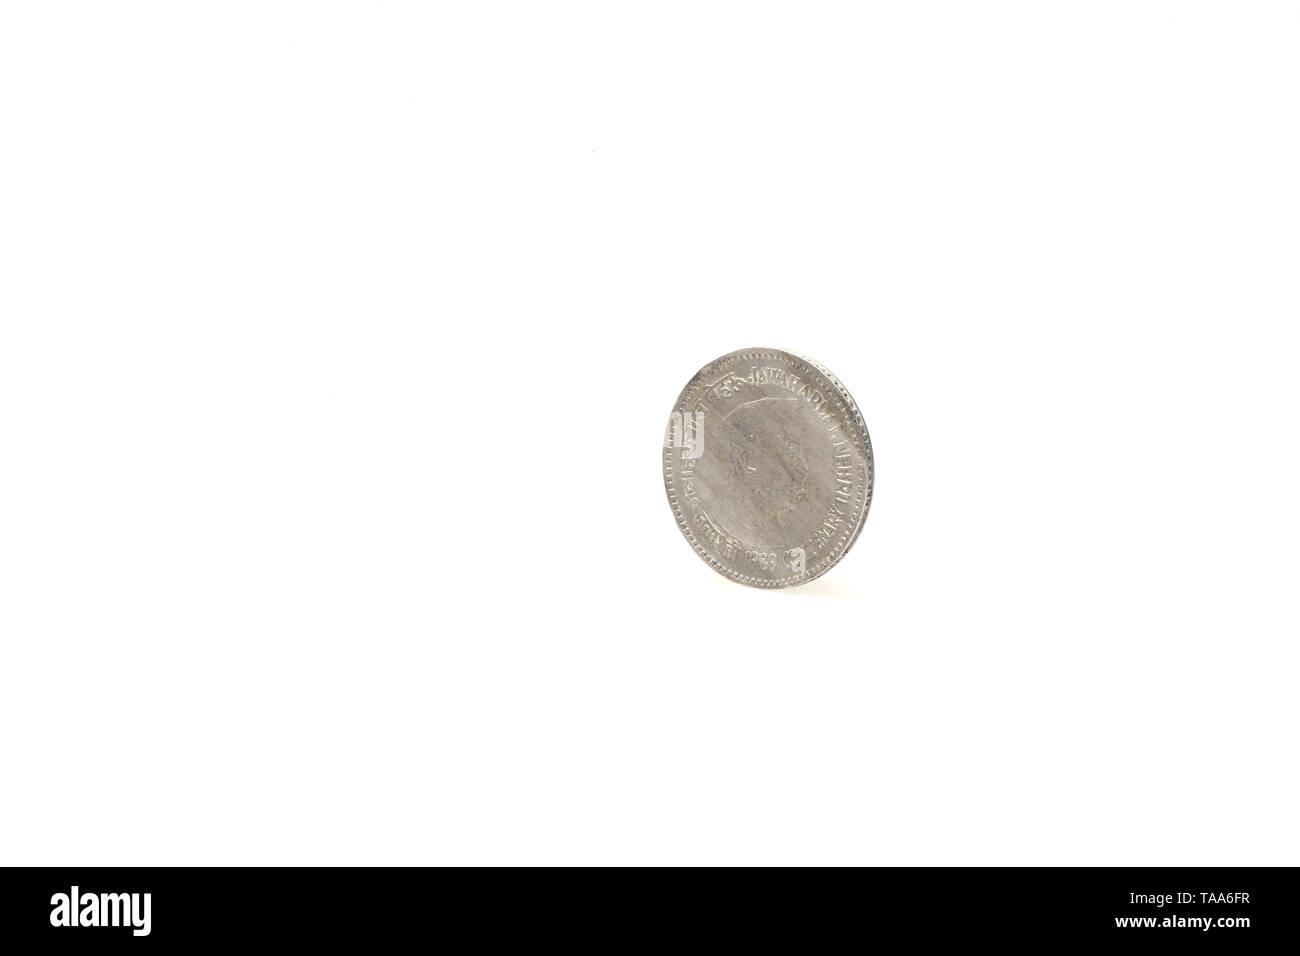 Eine Rupie Münze auf weißem Hintergrund, Indien, Asien, 1989 Stockbild